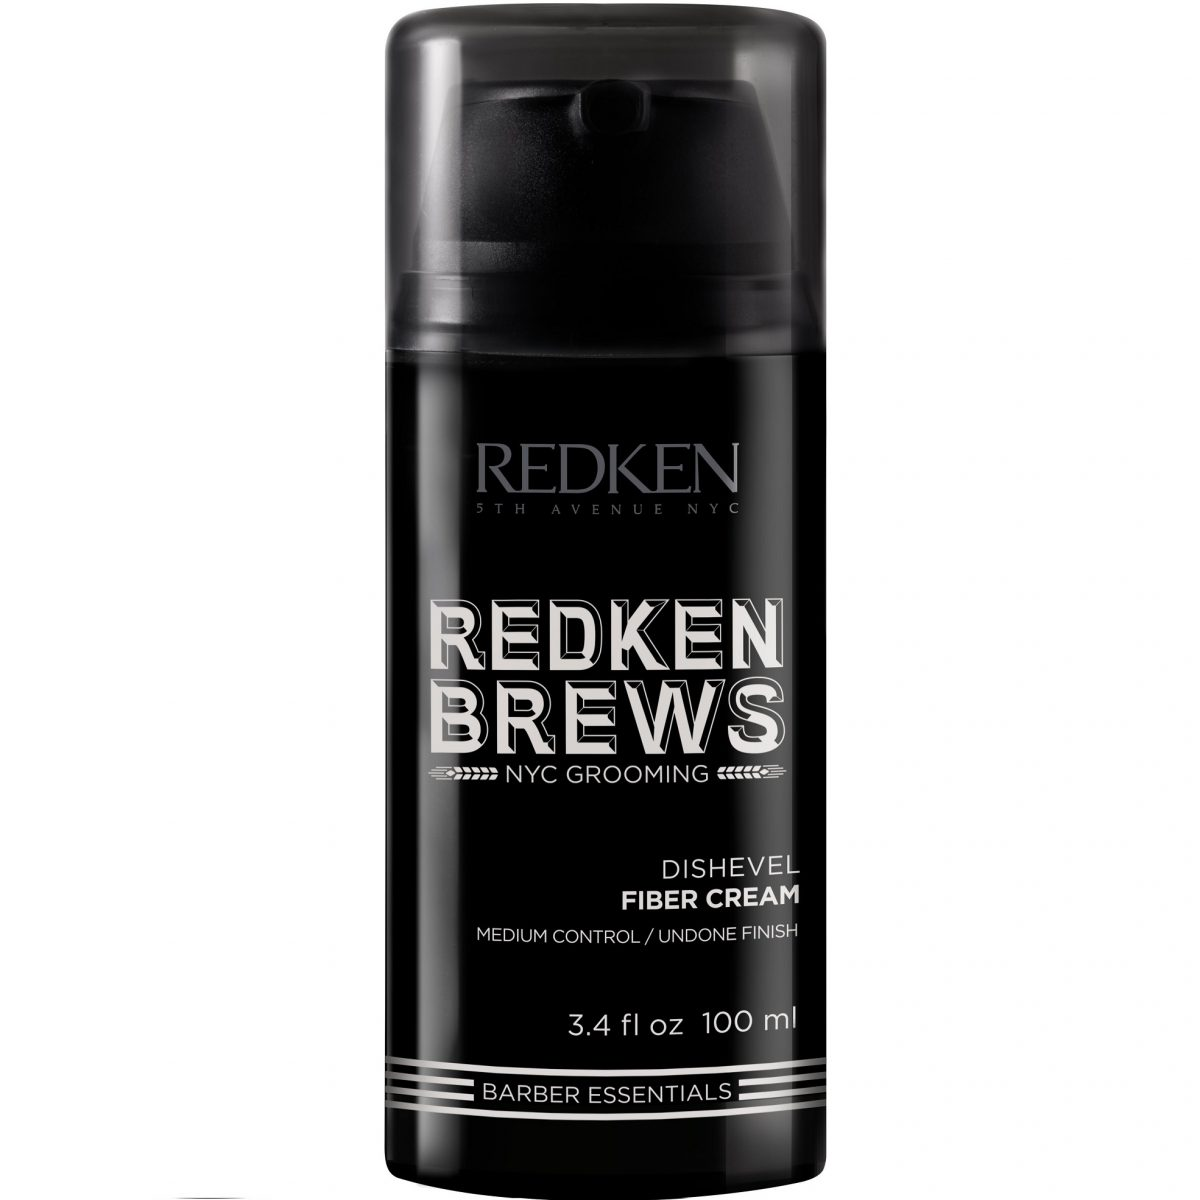 16_Emphase_Redken_Brews_Fiber_Cream_Dishevel_100ml_.jpg